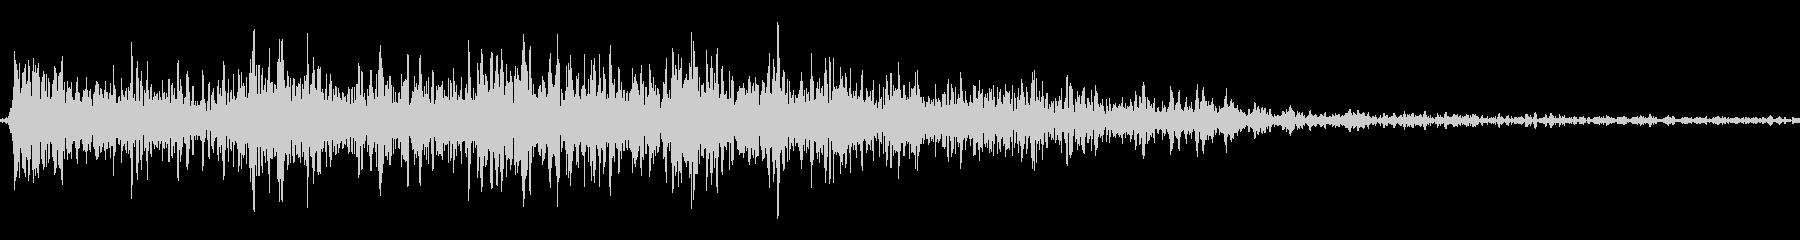 クイズの出題されるときの音の未再生の波形